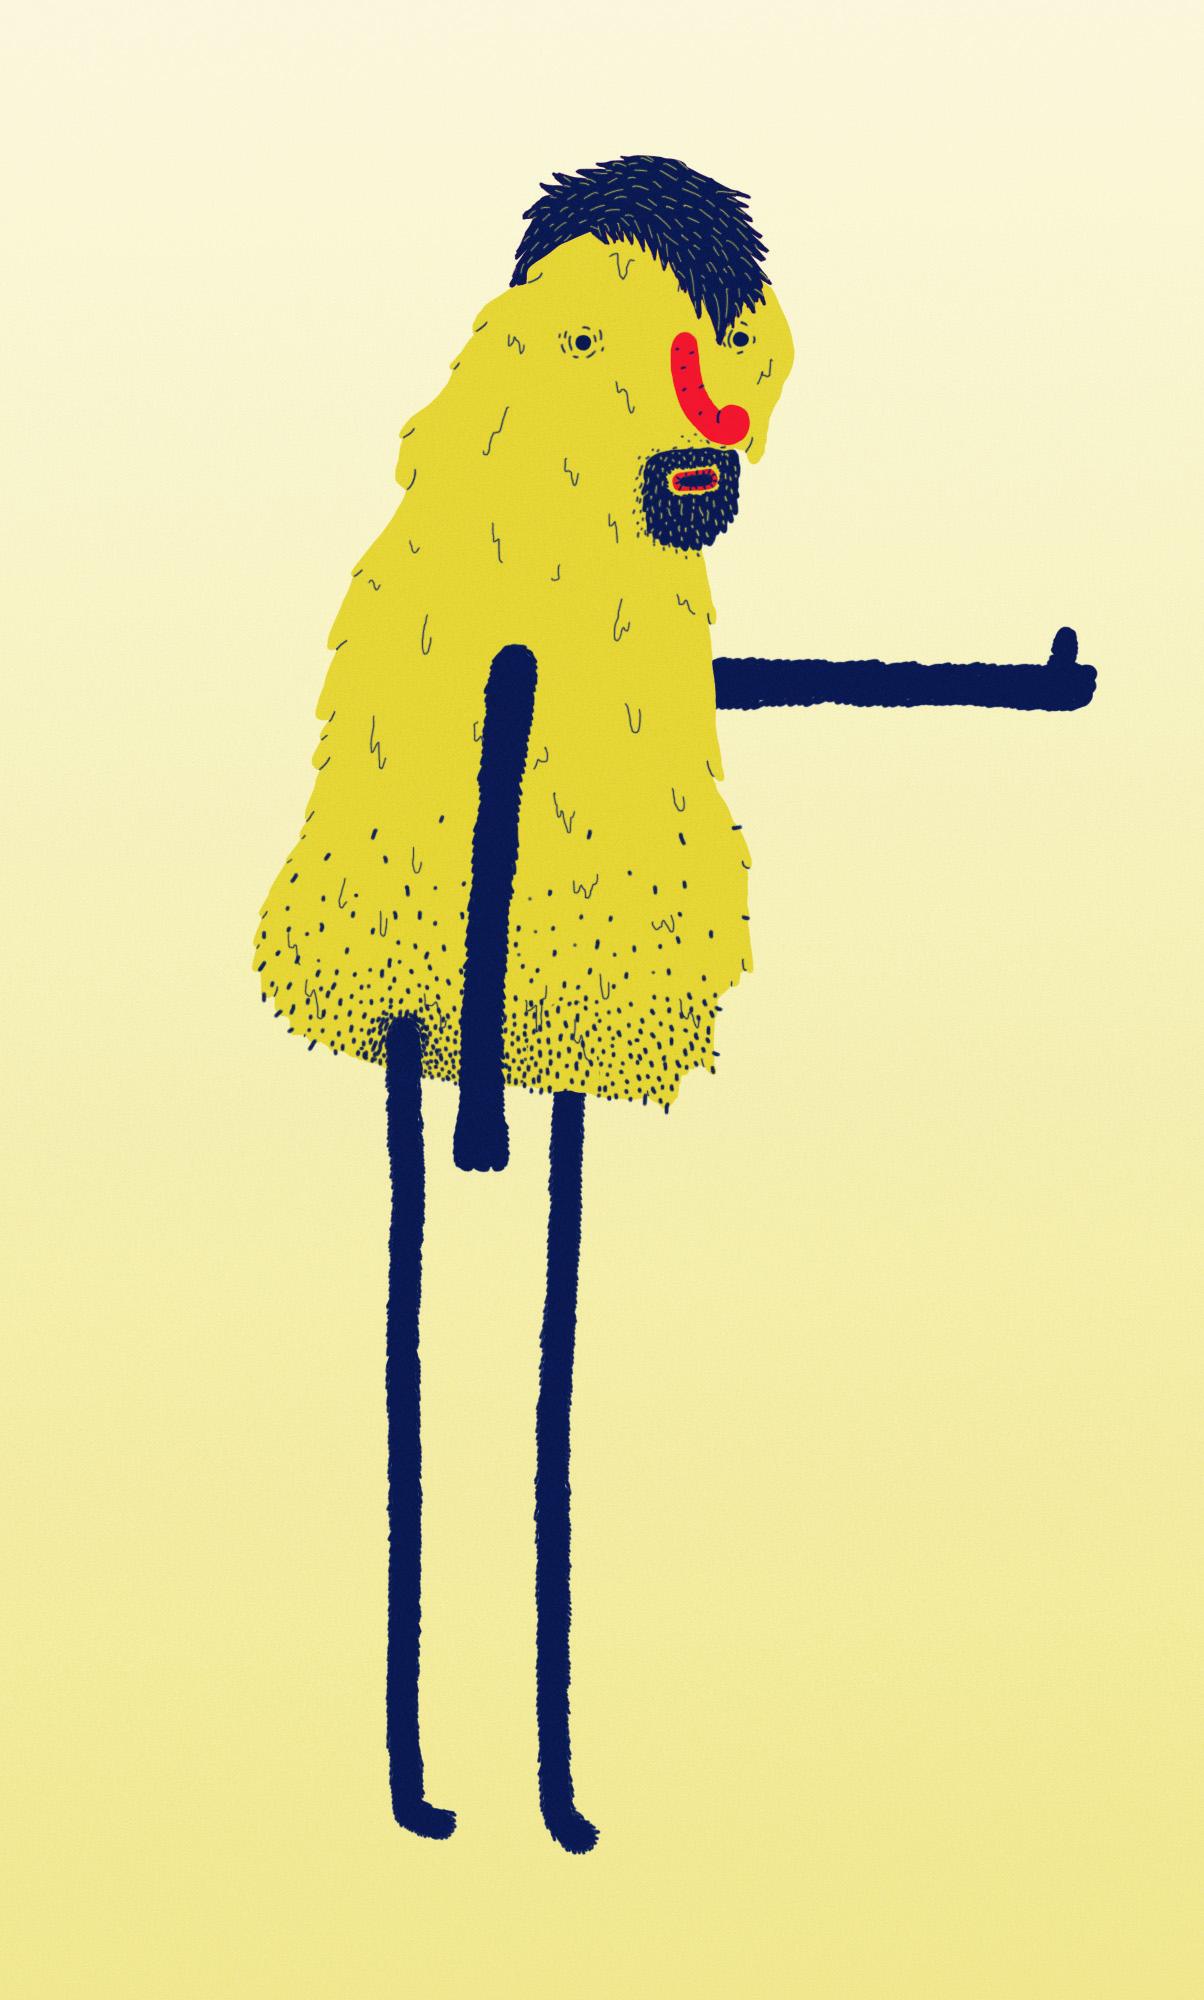 YellowGuy.jpg